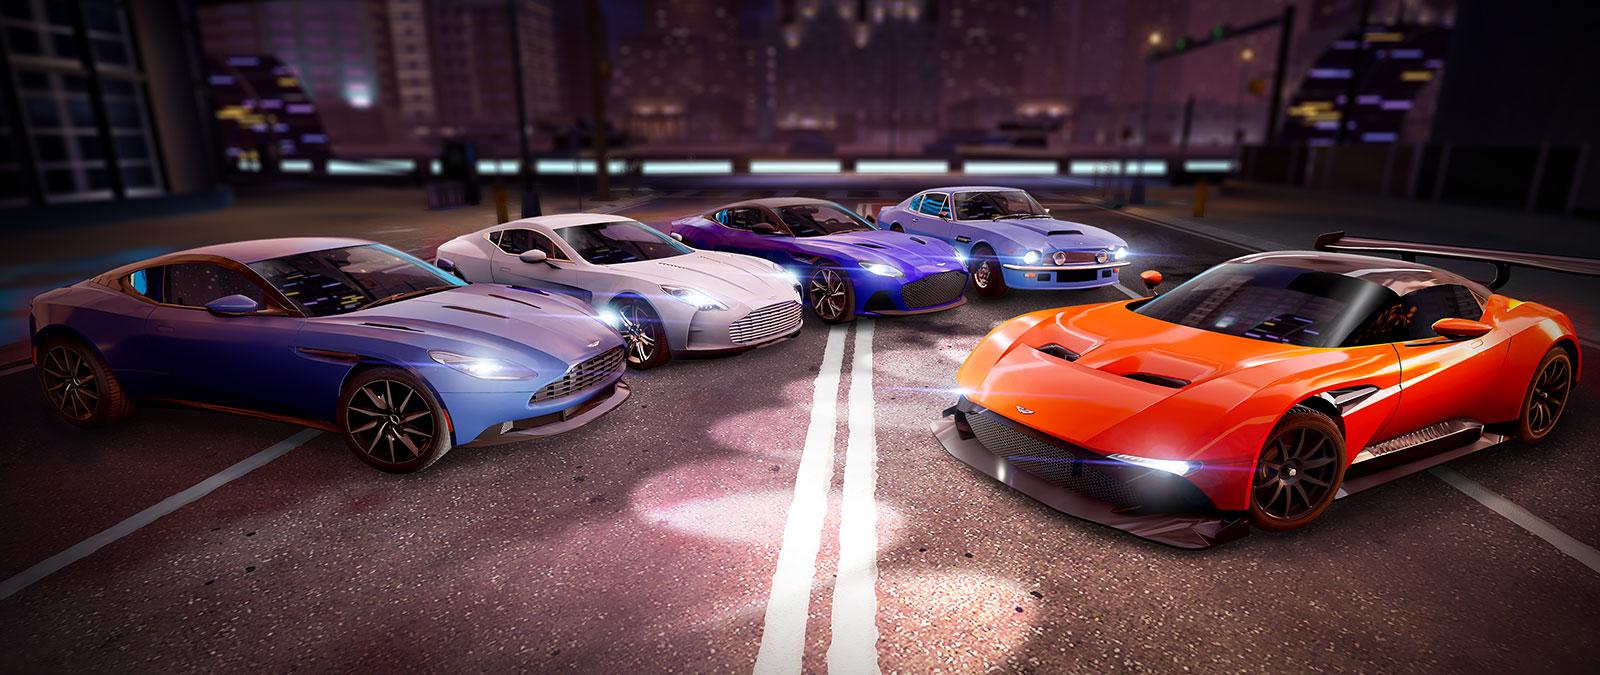 Cinq Aston Martin dans différentes couleurs alignées sur une rue de la ville